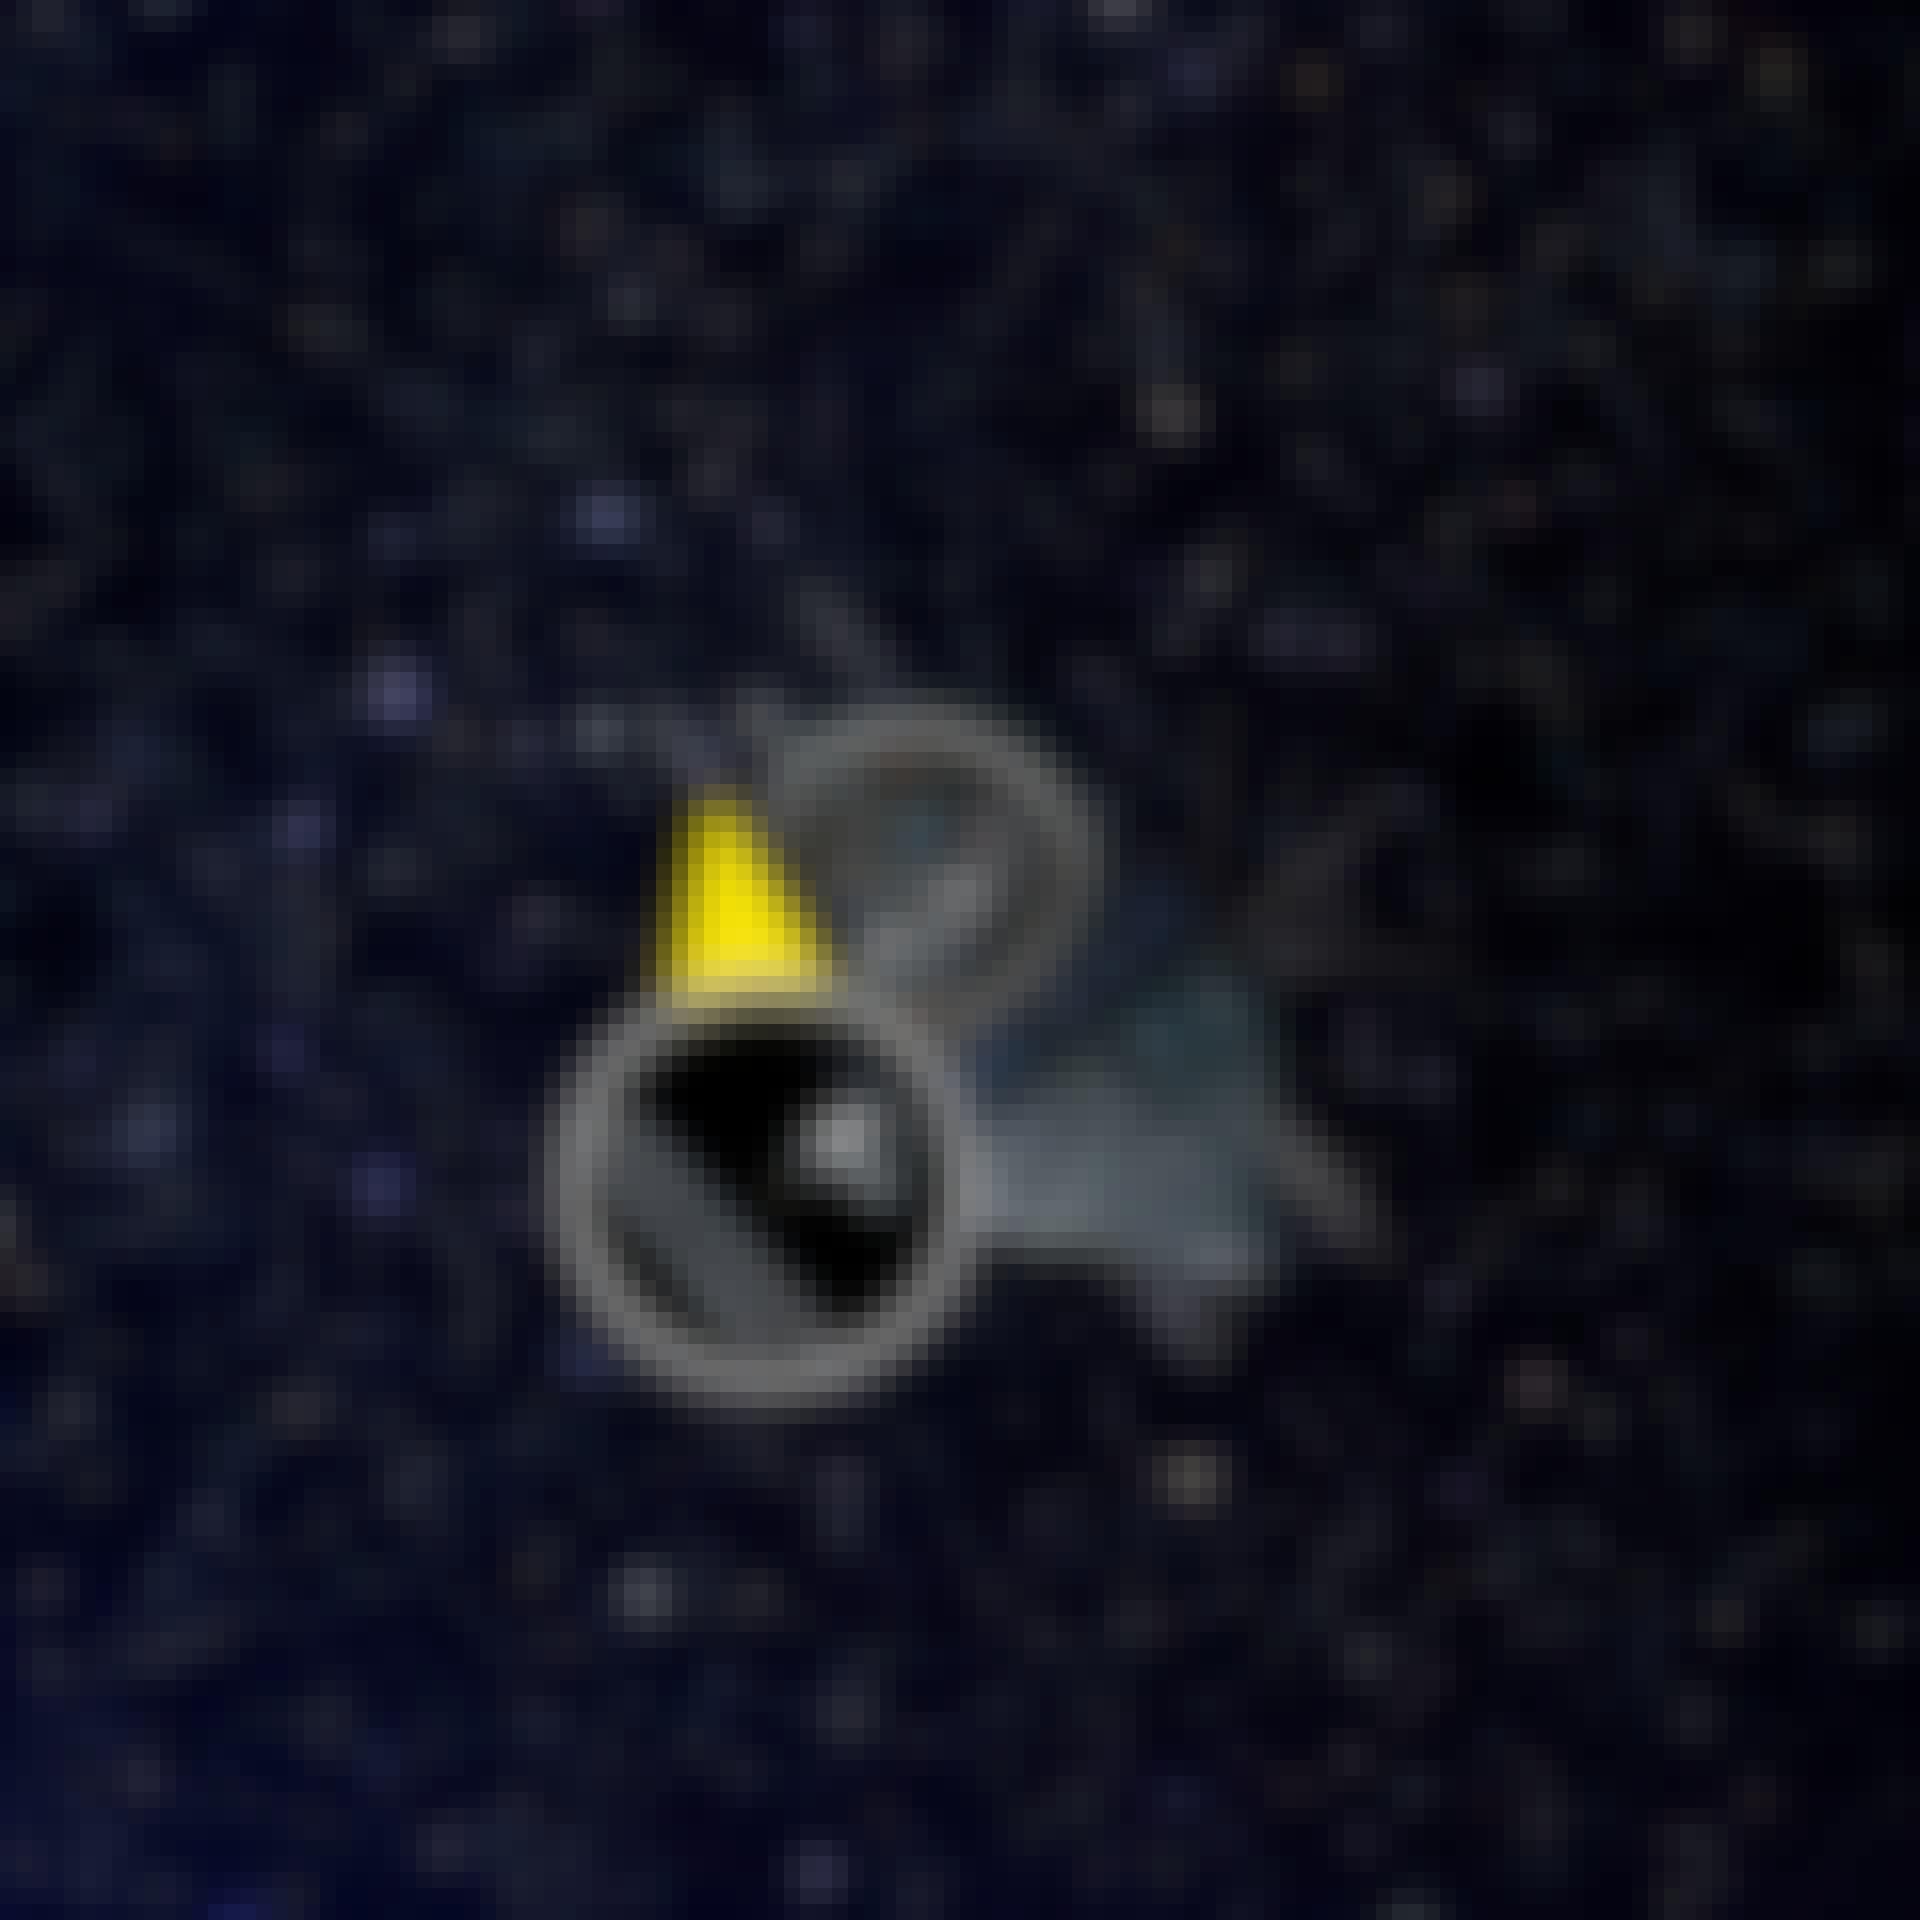 Vostok antenne